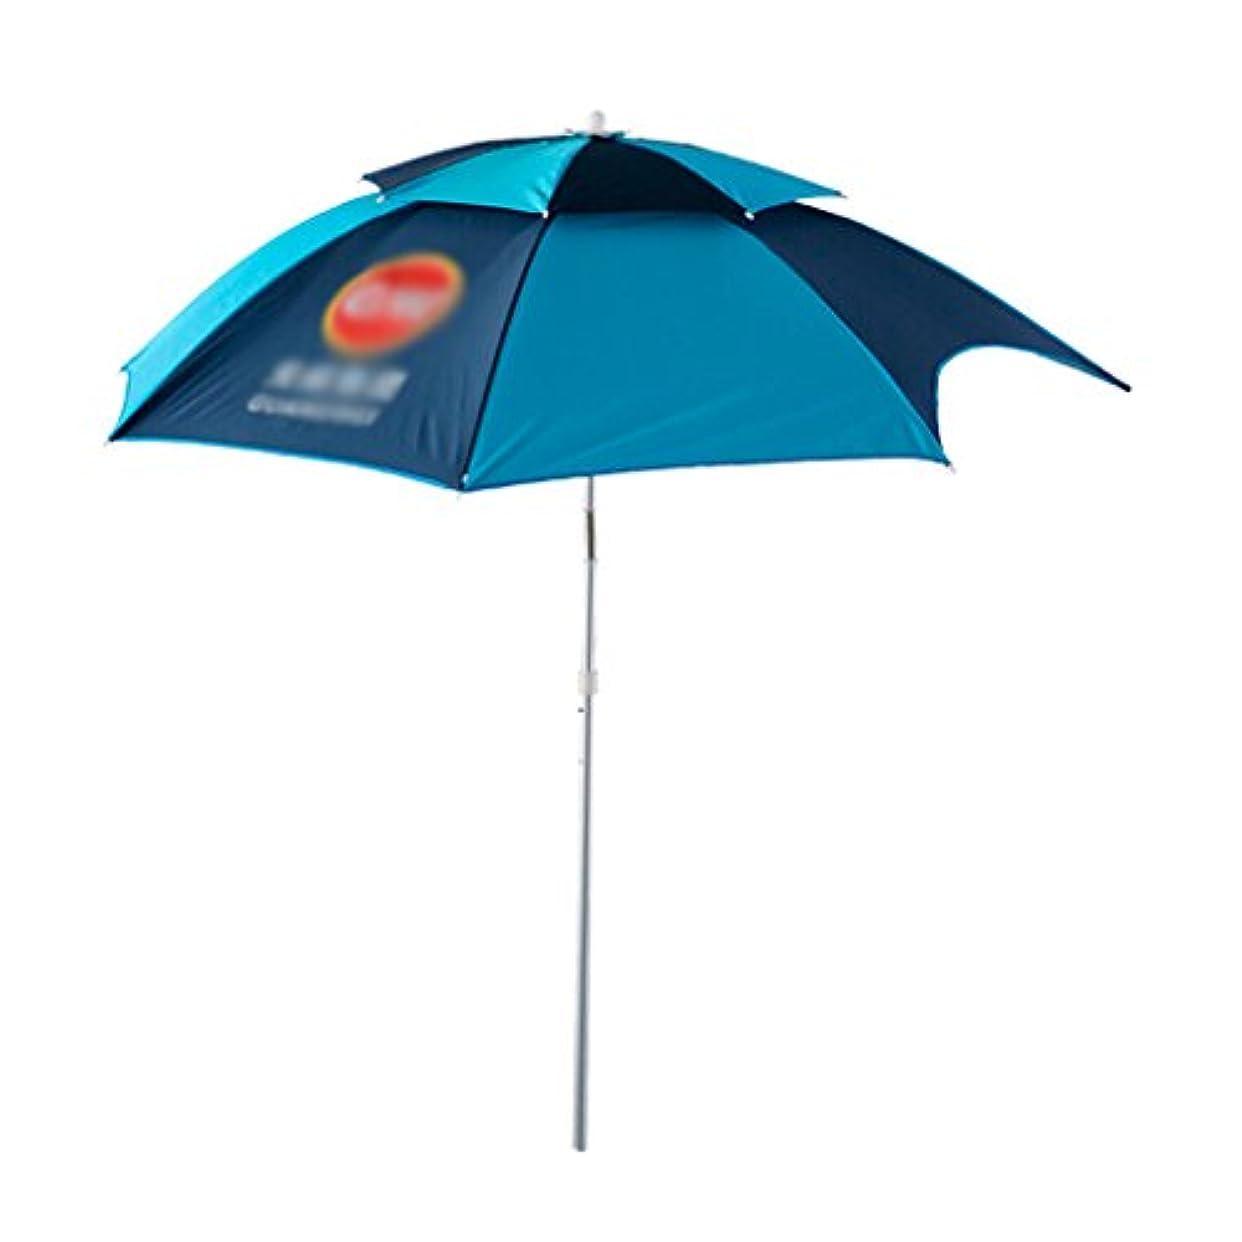 スクラップブック地下拷問LSS 屋外アンブレラ|釣り傘|傘|釣り傘|フォールド2メートル屋外傘アルミ合金材料ユニバーサル釣り用品 (色 : A)